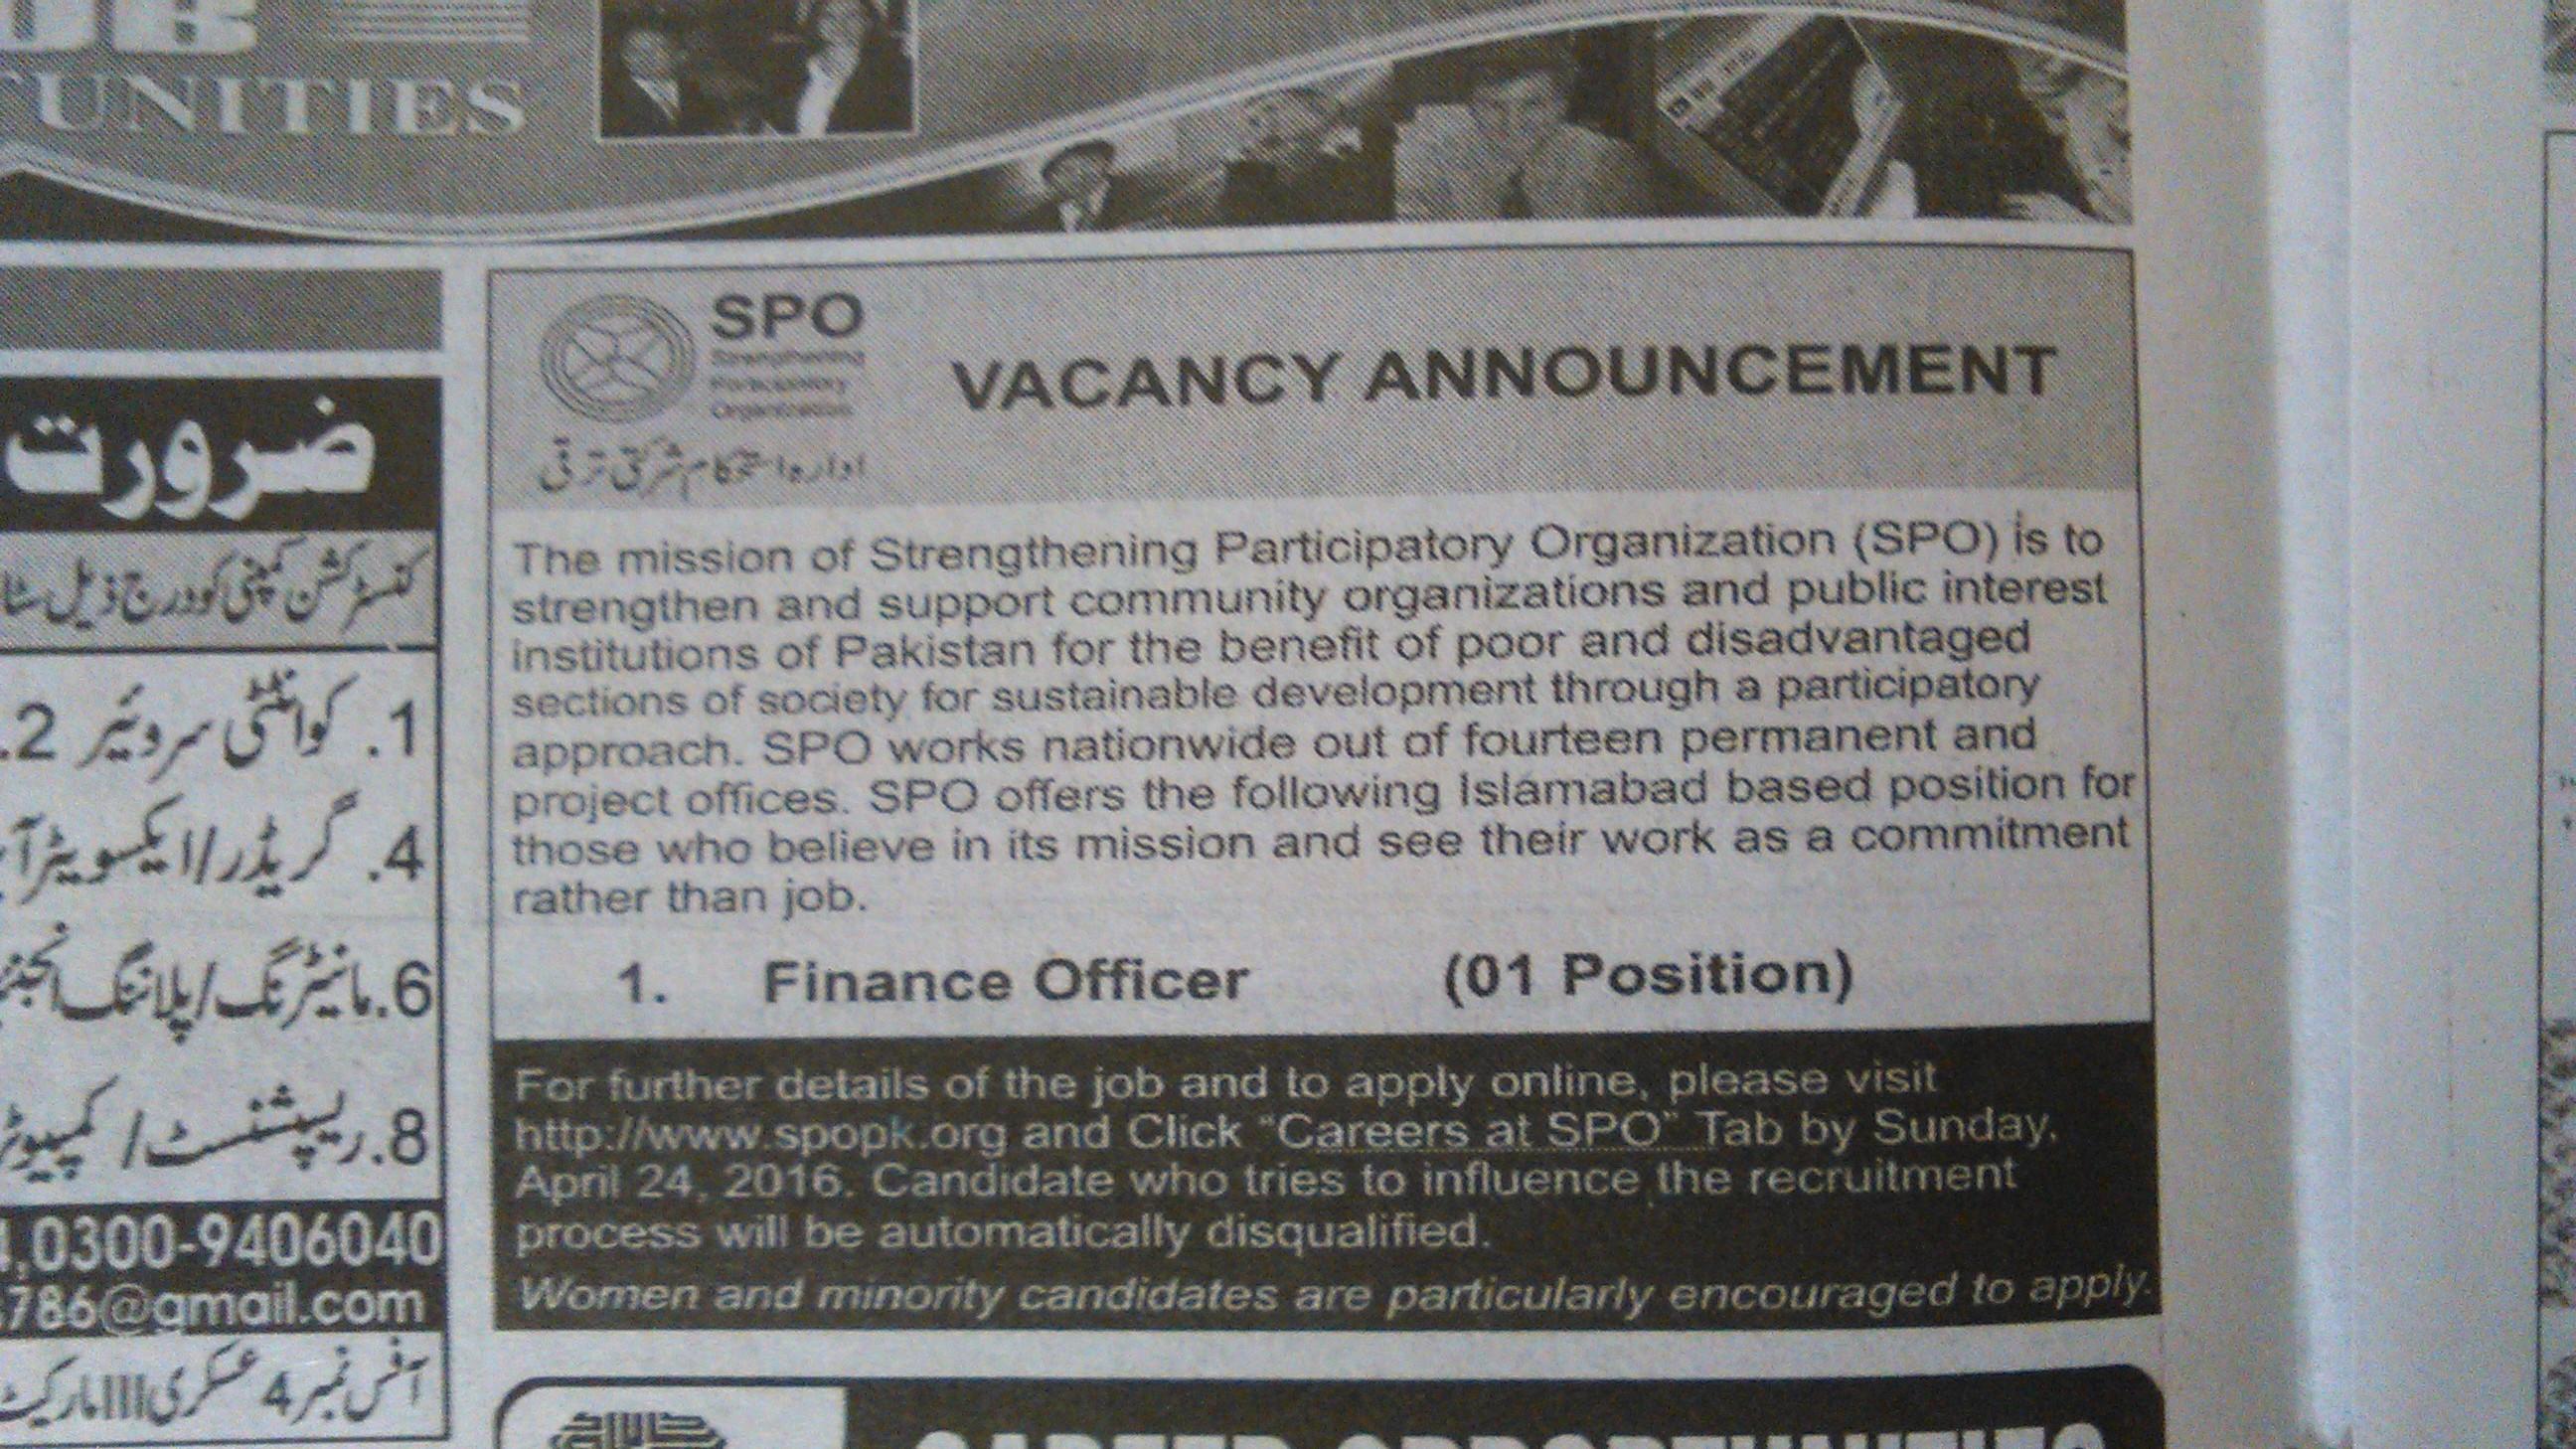 SPO Requires Finance Officier